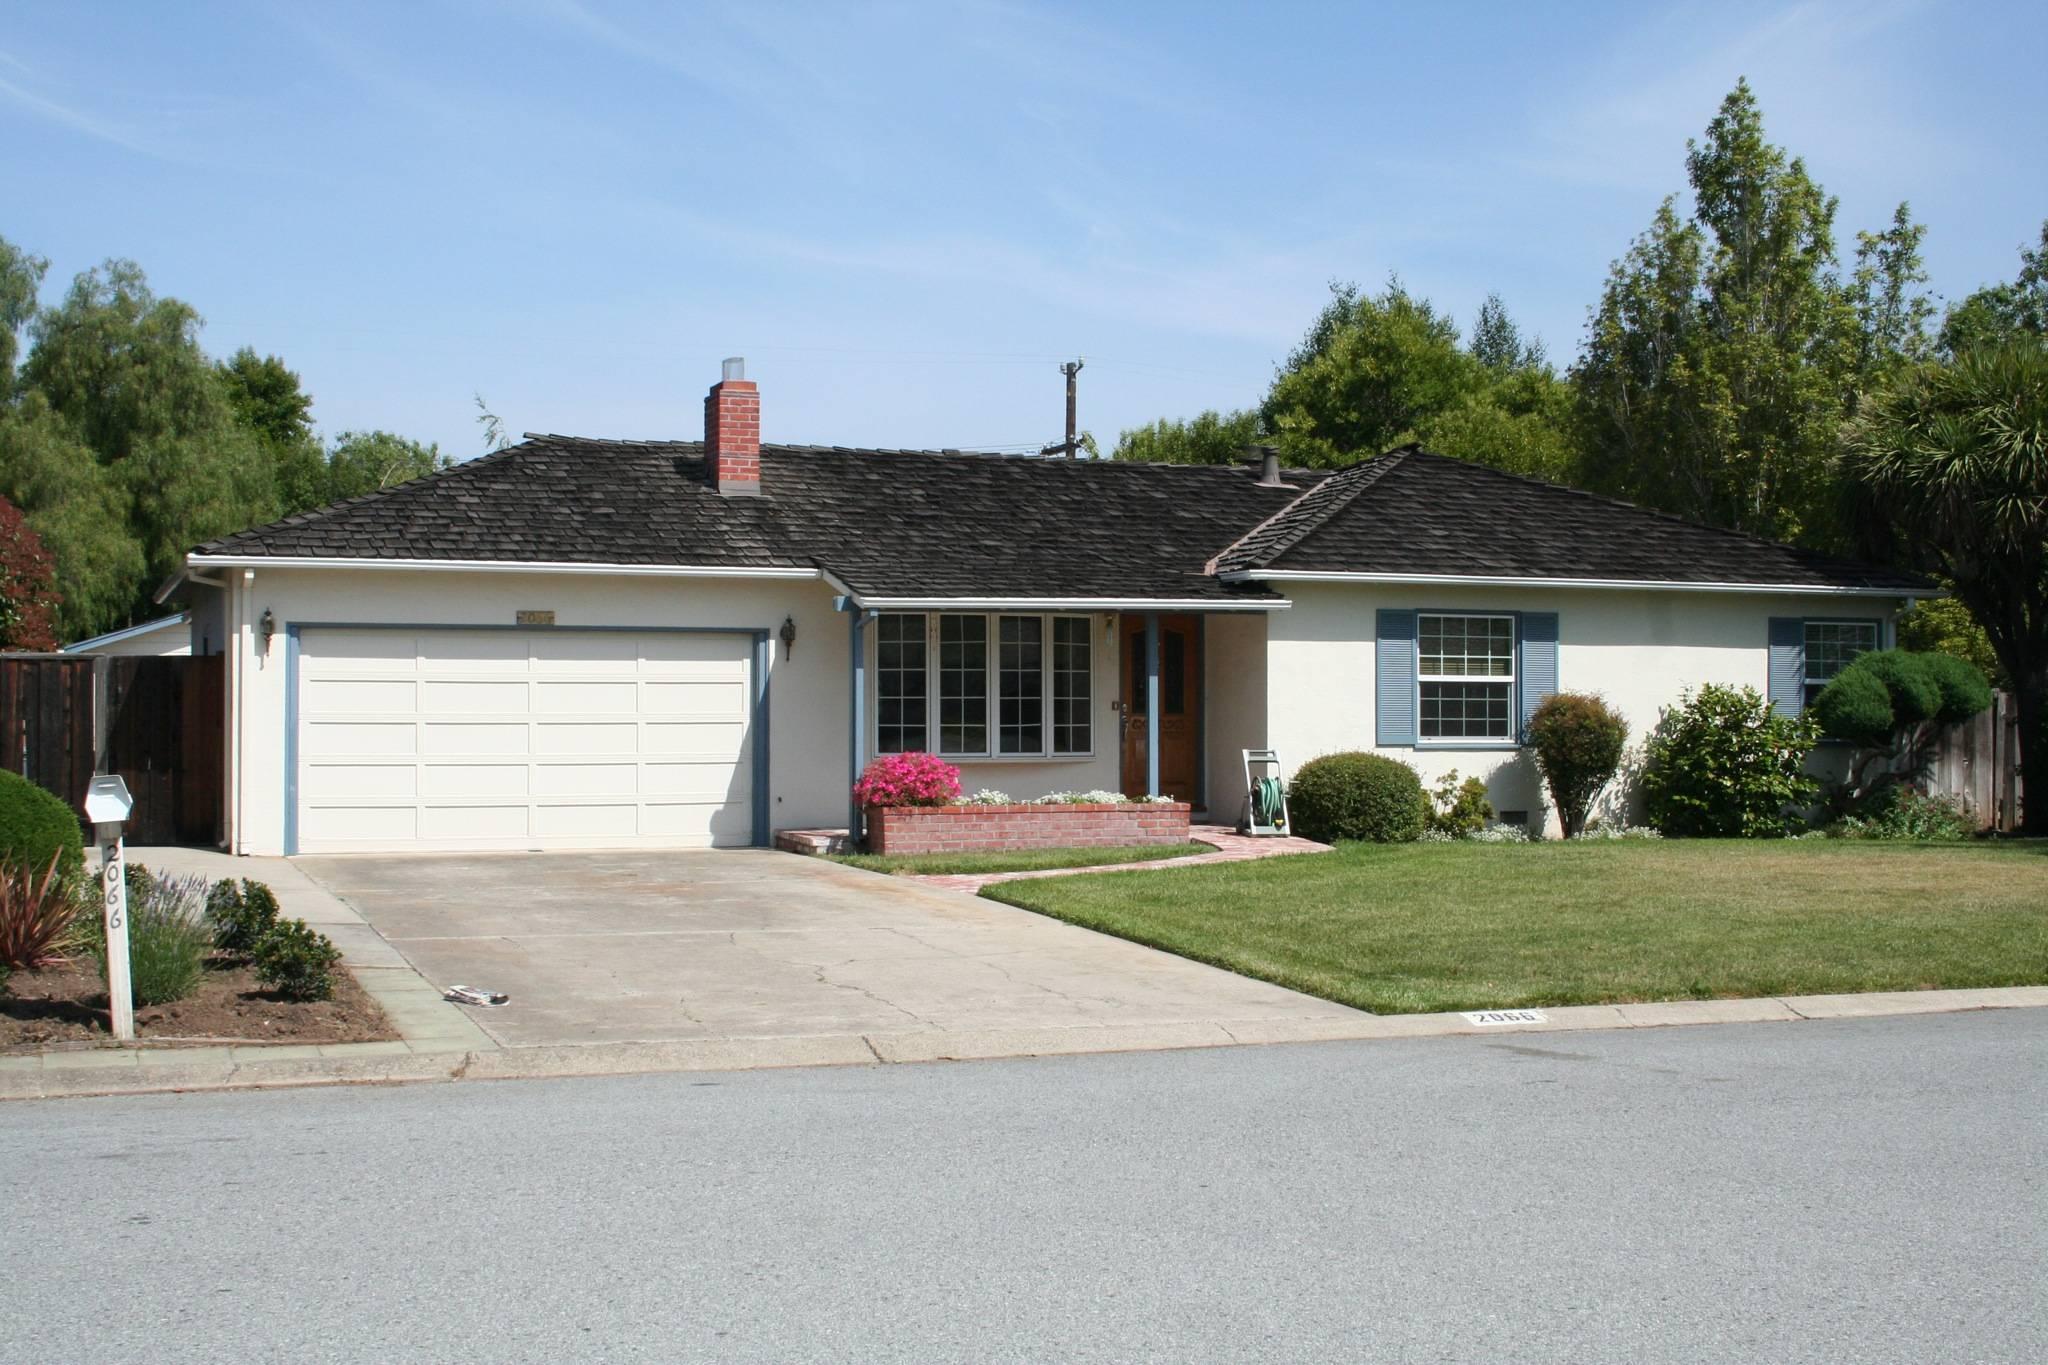 车库地址:2066 Crist Dr., Los Altos, California